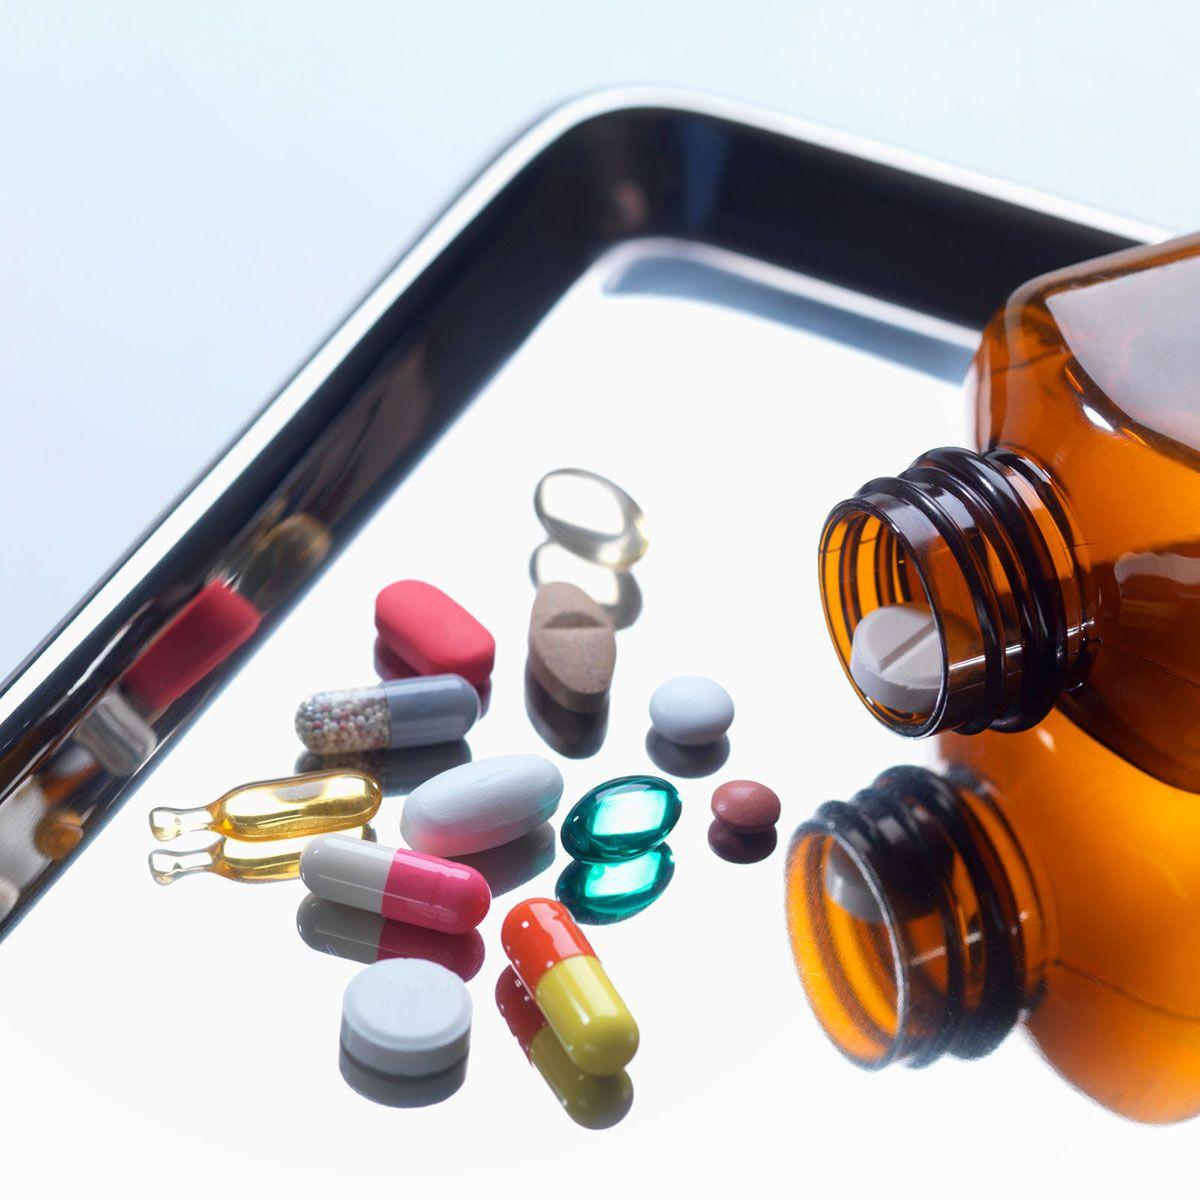 """<p>抗生物質を服用すると腸内環境が乱れてしまうこともある。そのうえ、「おなかの張りや腸の働きにも影響を及ぼす」と管理栄養士のケイト・スカーラータ氏は警告。抗生物質がおなかに悪影響を与える場合は、かかりつけ医に相談して、薬の種類を変えてみるのもいいかも。<span class=""""redactor-invisible-space"""" data-verified=""""redactor"""" data-redactor-tag=""""span"""" data-redactor-class=""""redactor-invisible-space""""></span></p>"""